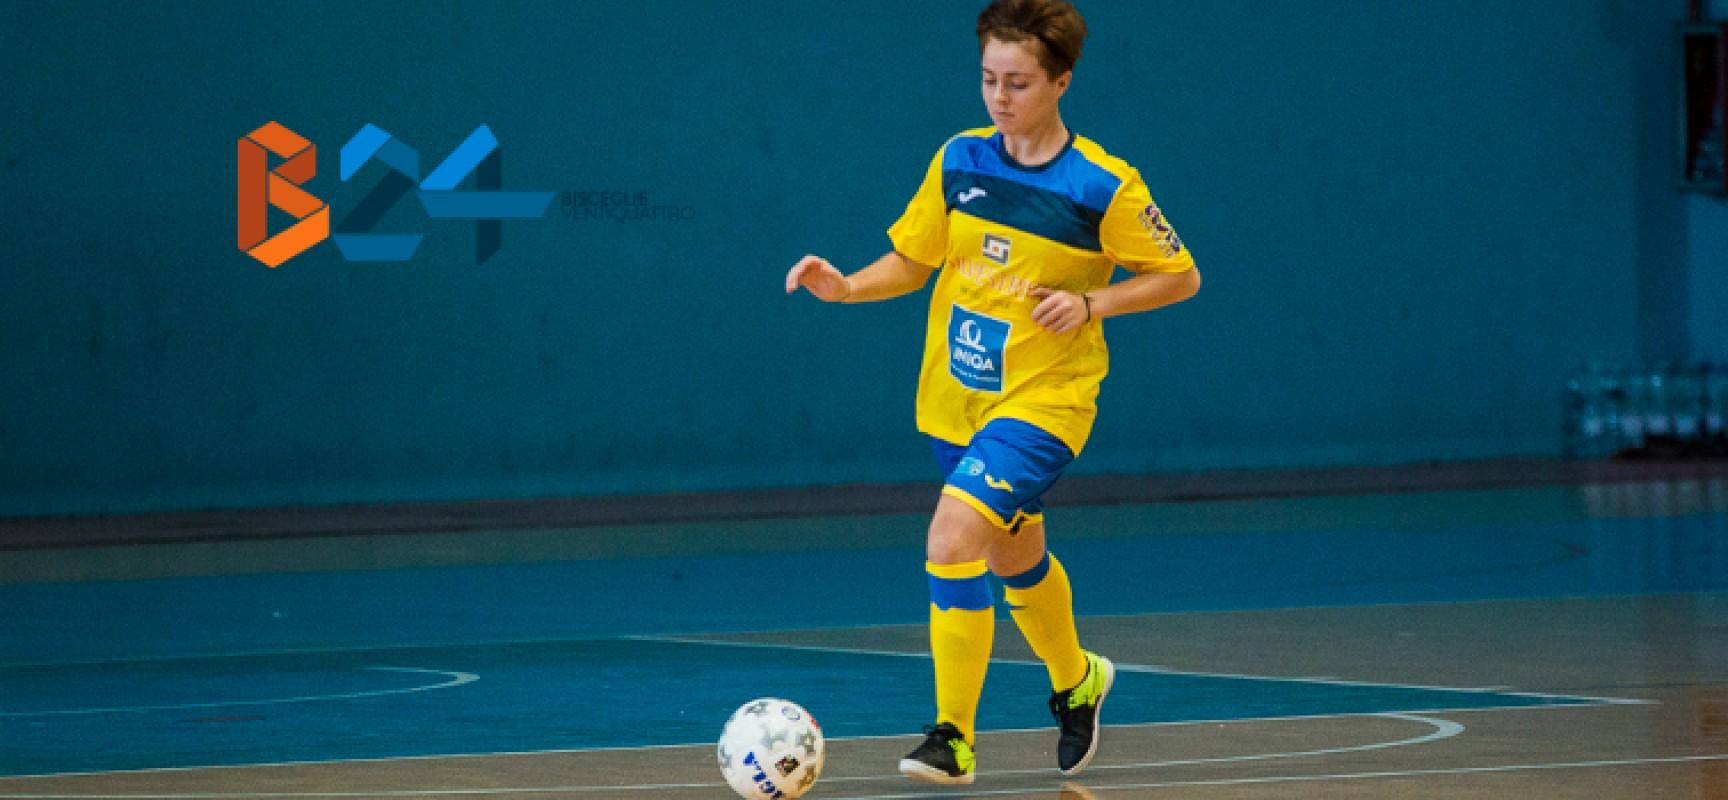 Futsal Bisceglie femminile, vittoria thrilling contro il Cus Cosenza / CLASSIFICA